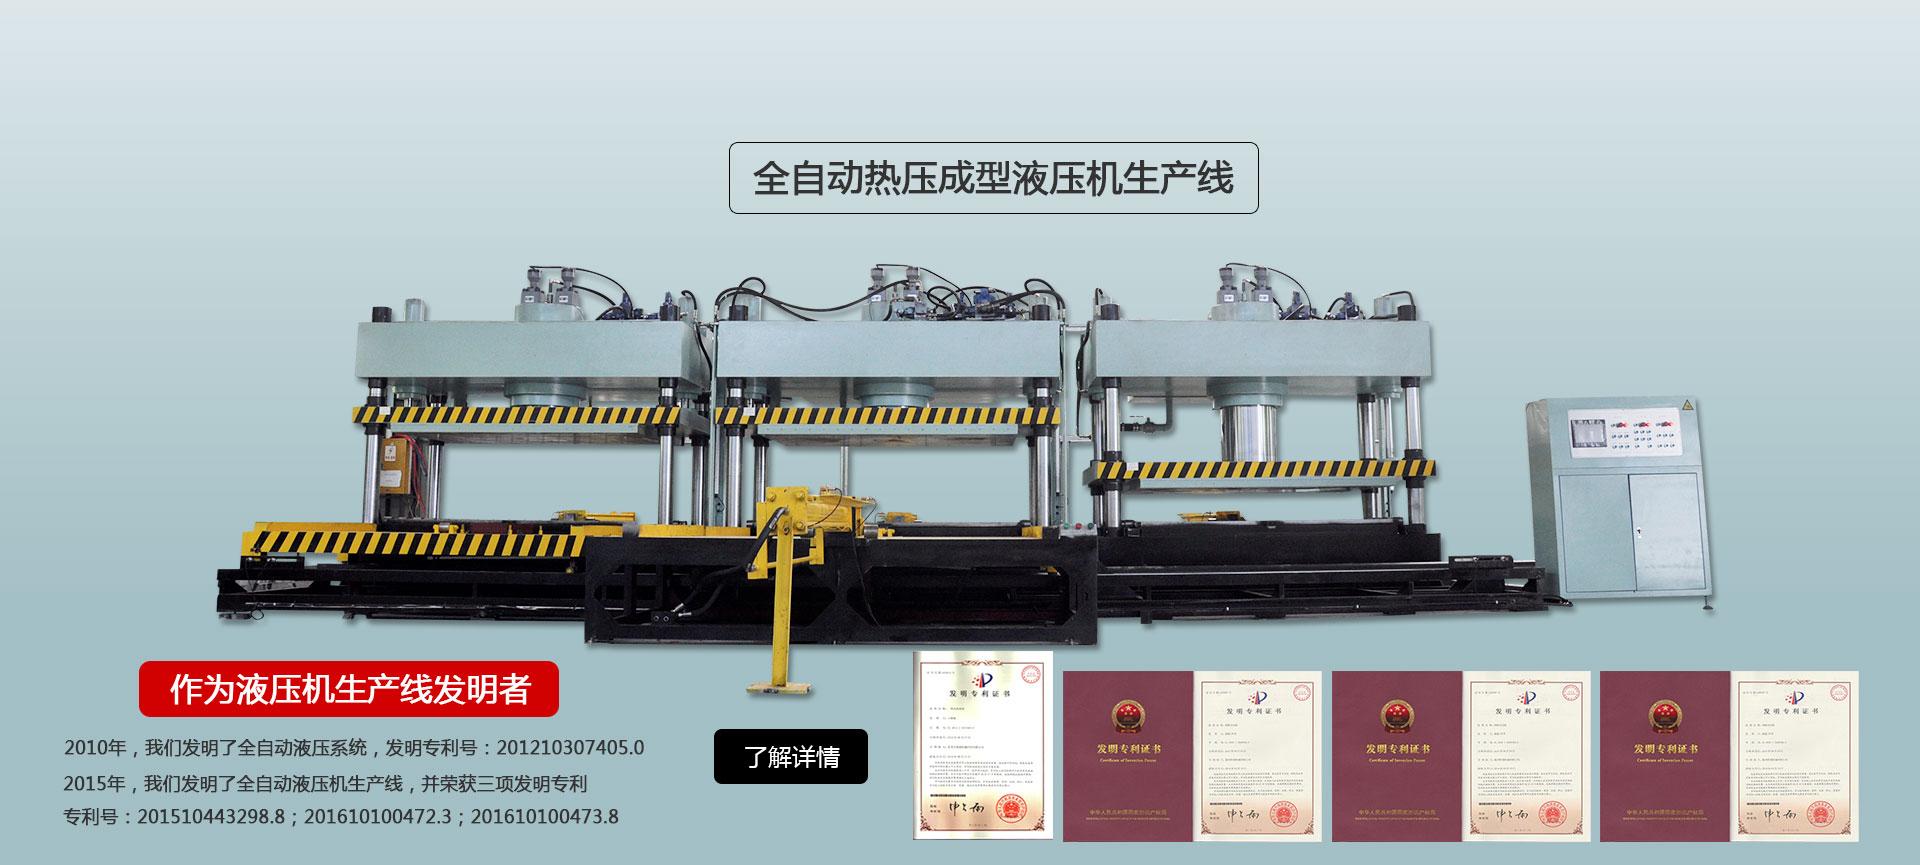 500噸熱壓成型機